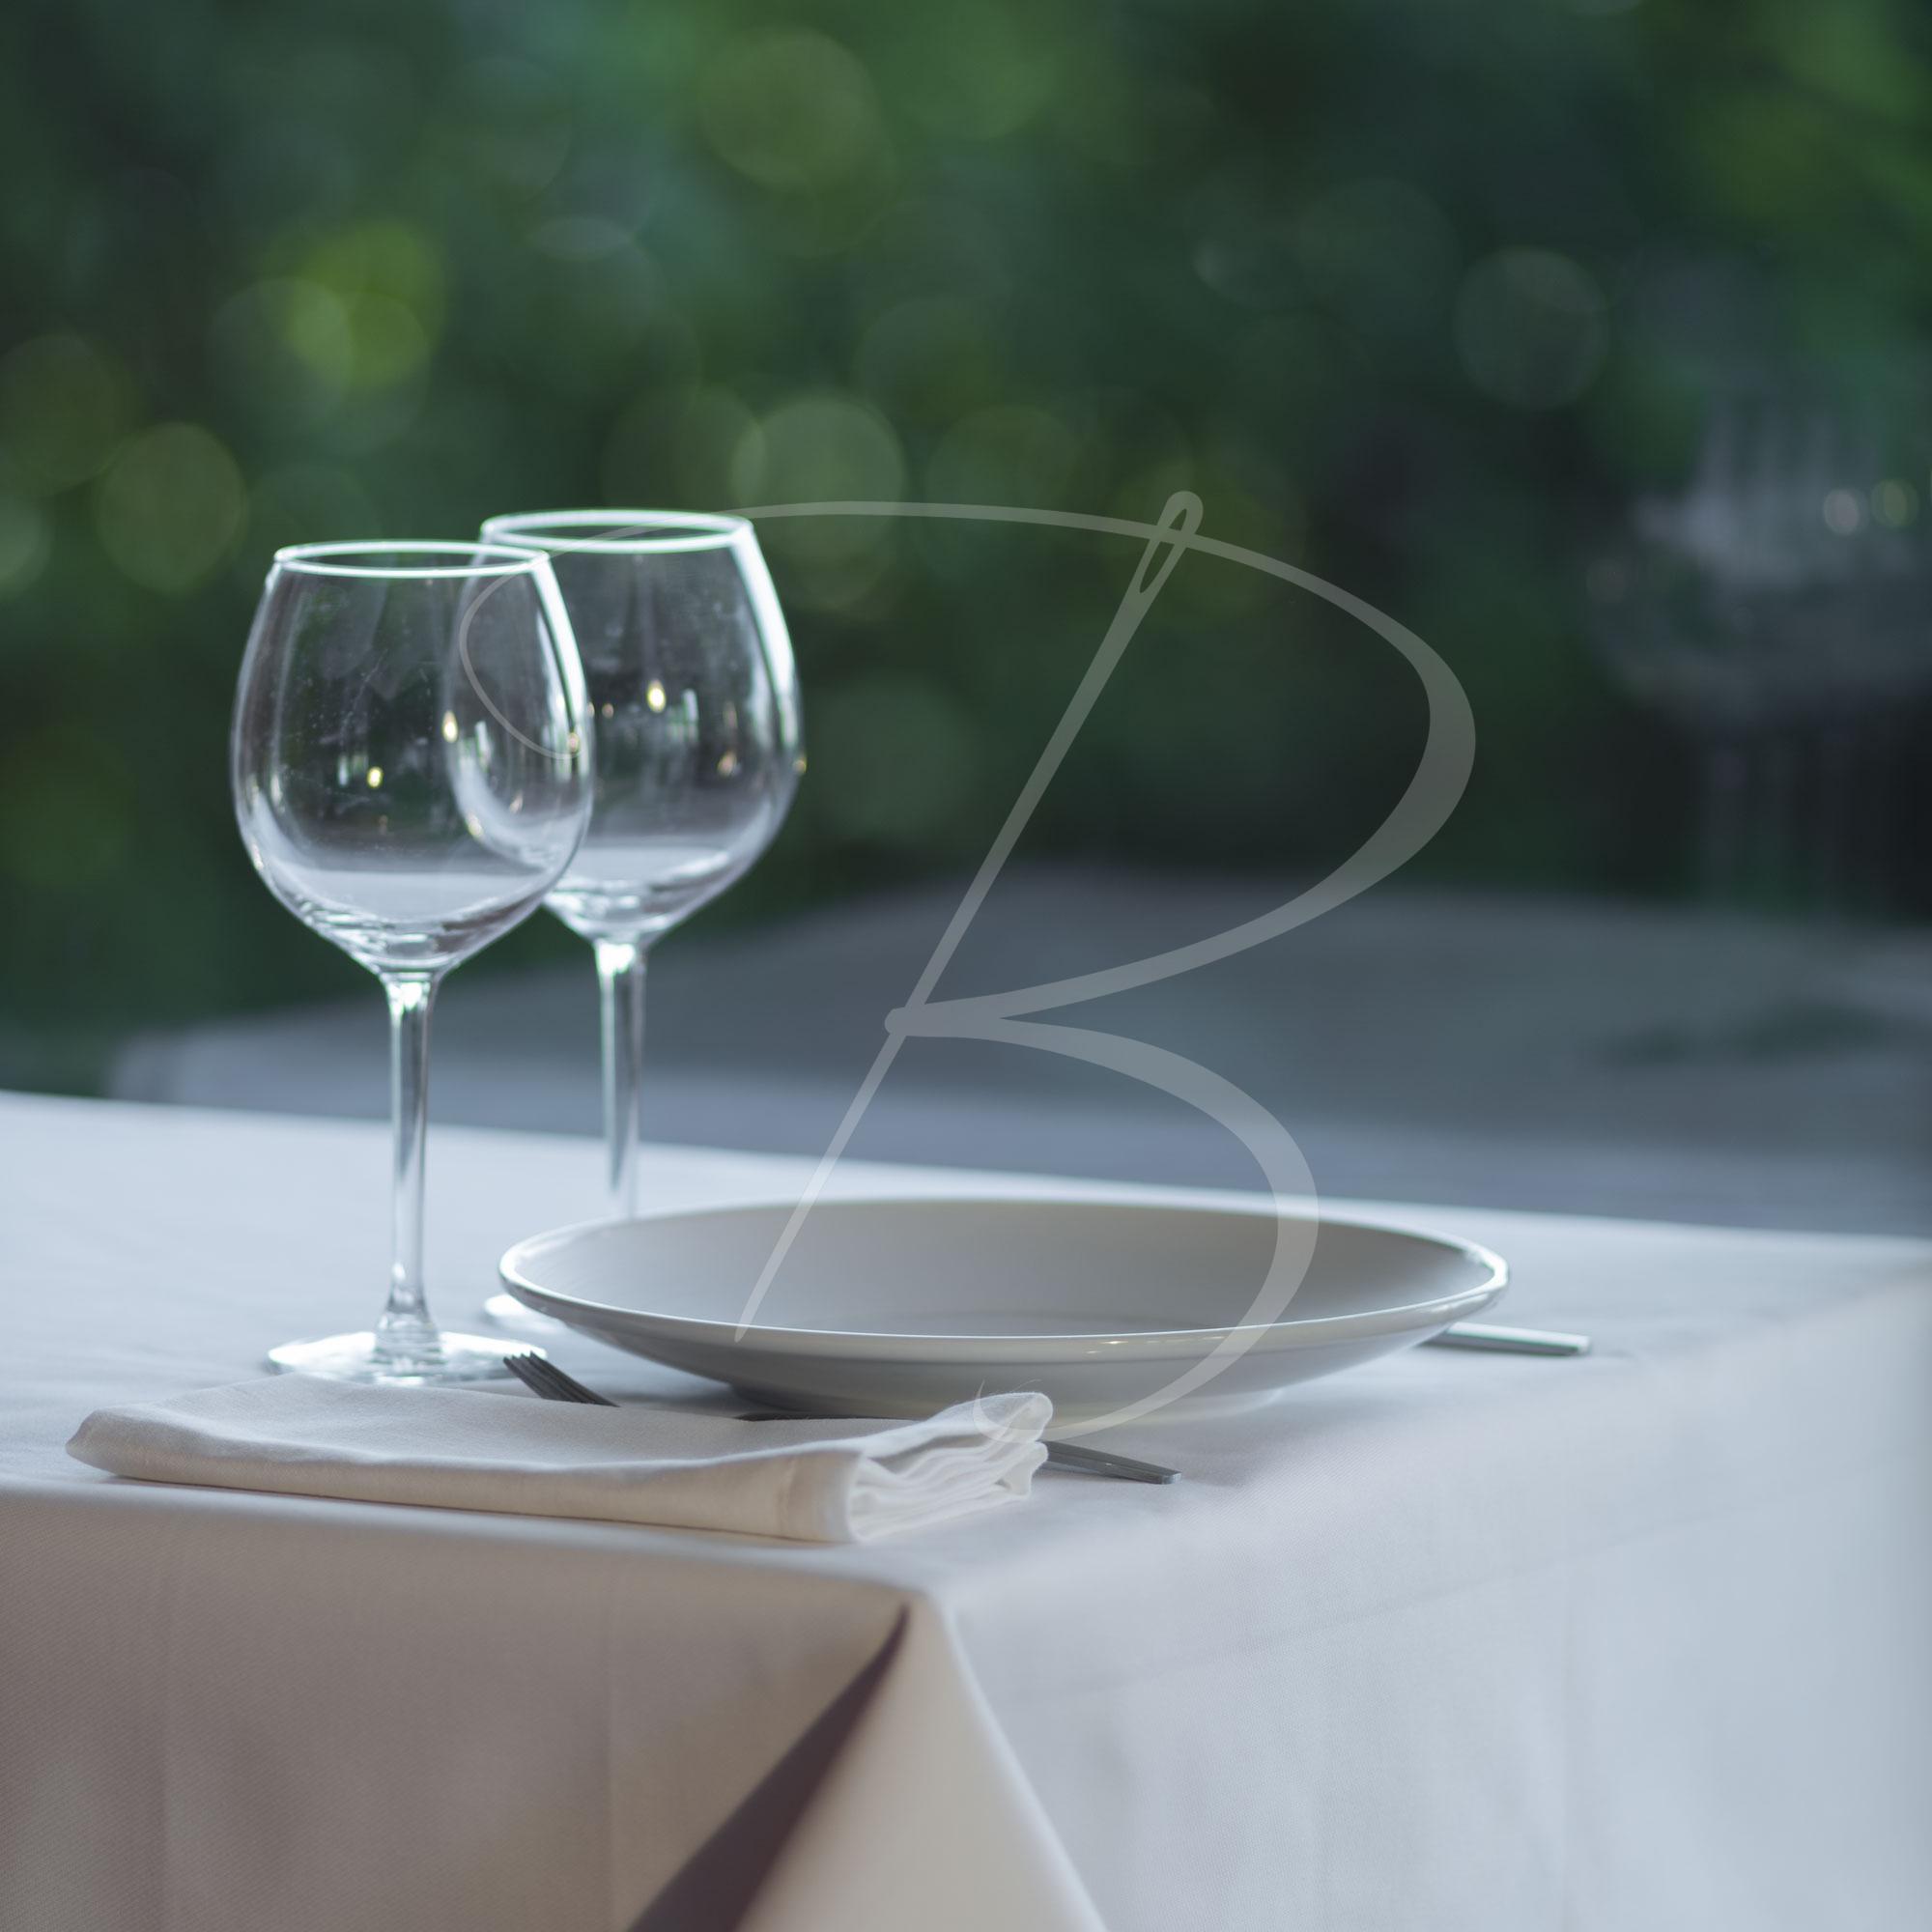 linge-table-st-pourcain-chine